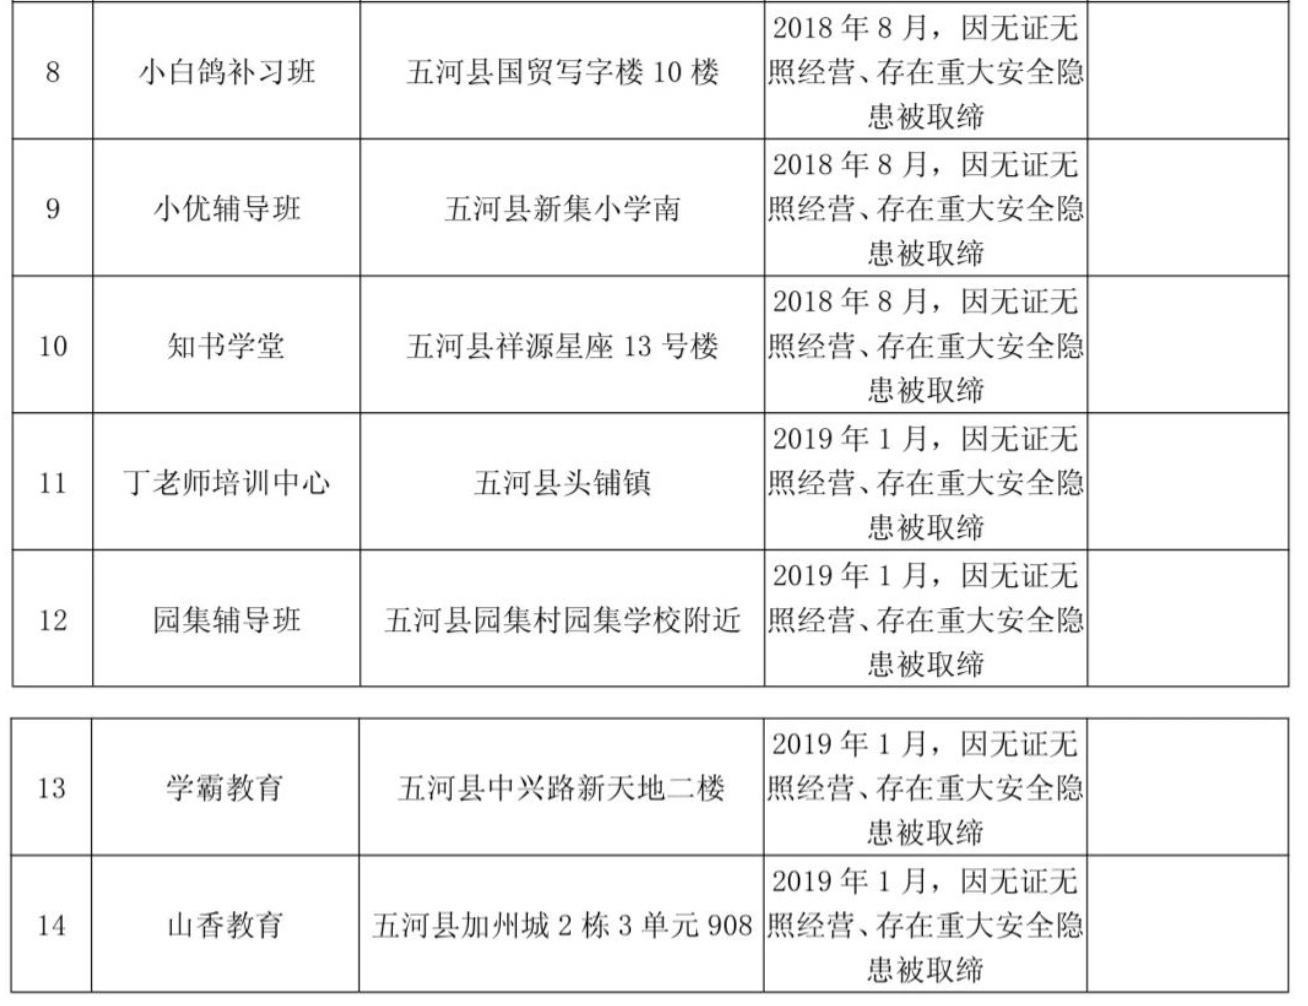 """大润发贵宾会网址_中国女""""股神""""赵薇踩雷:两天亏损4.35亿元"""